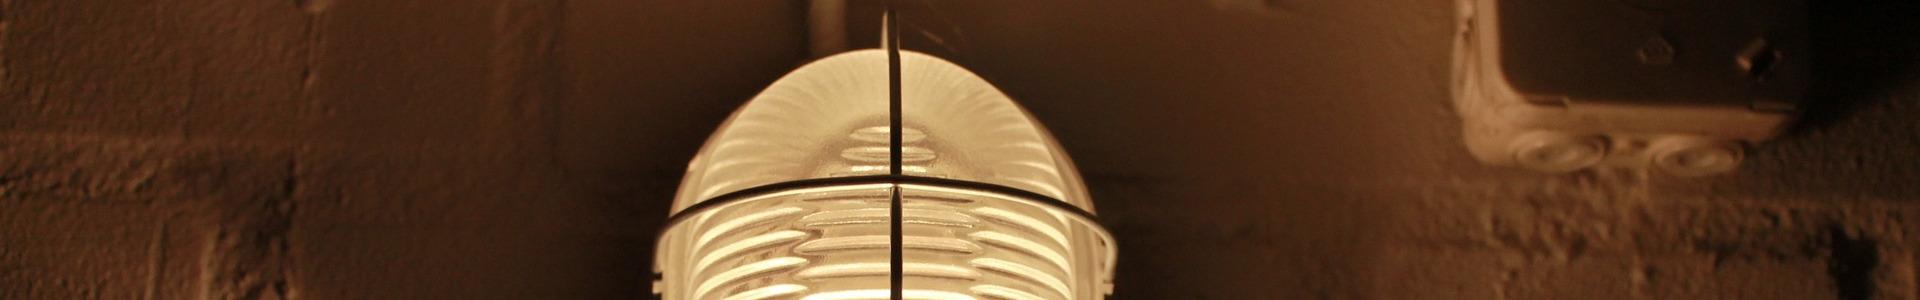 Lampe im Keller